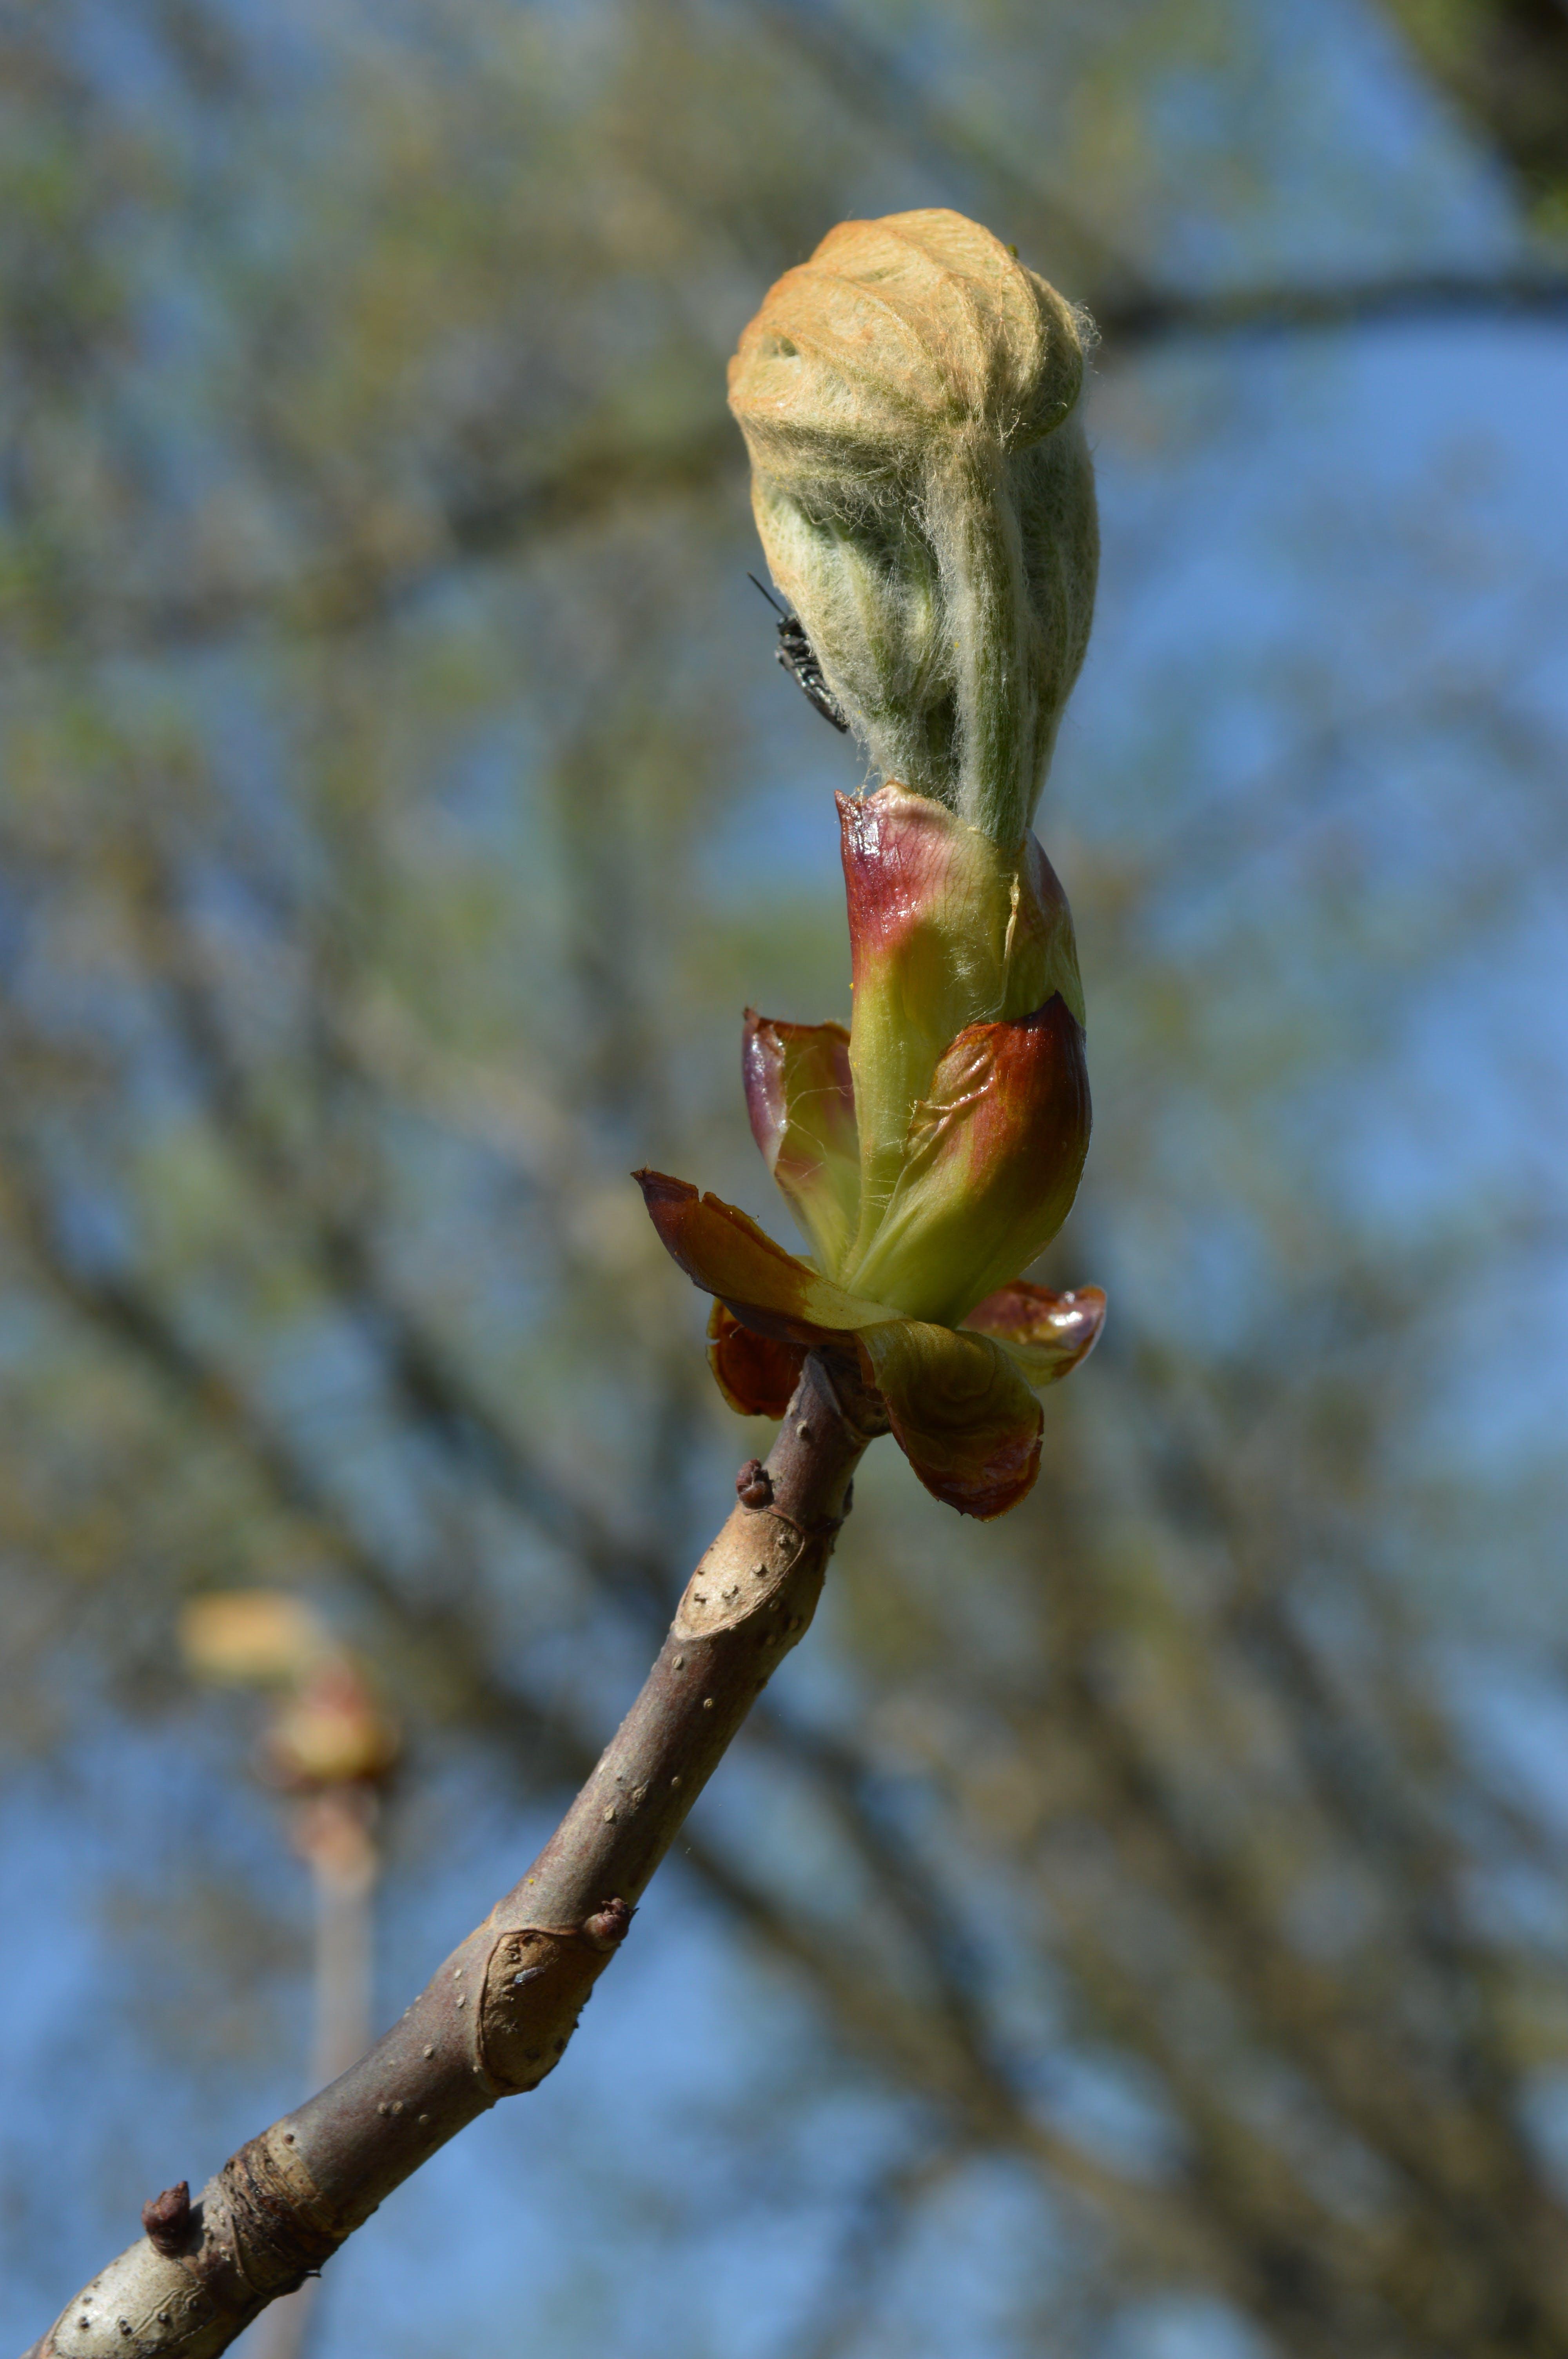 Free stock photo of распускаются листья, весна, ветка